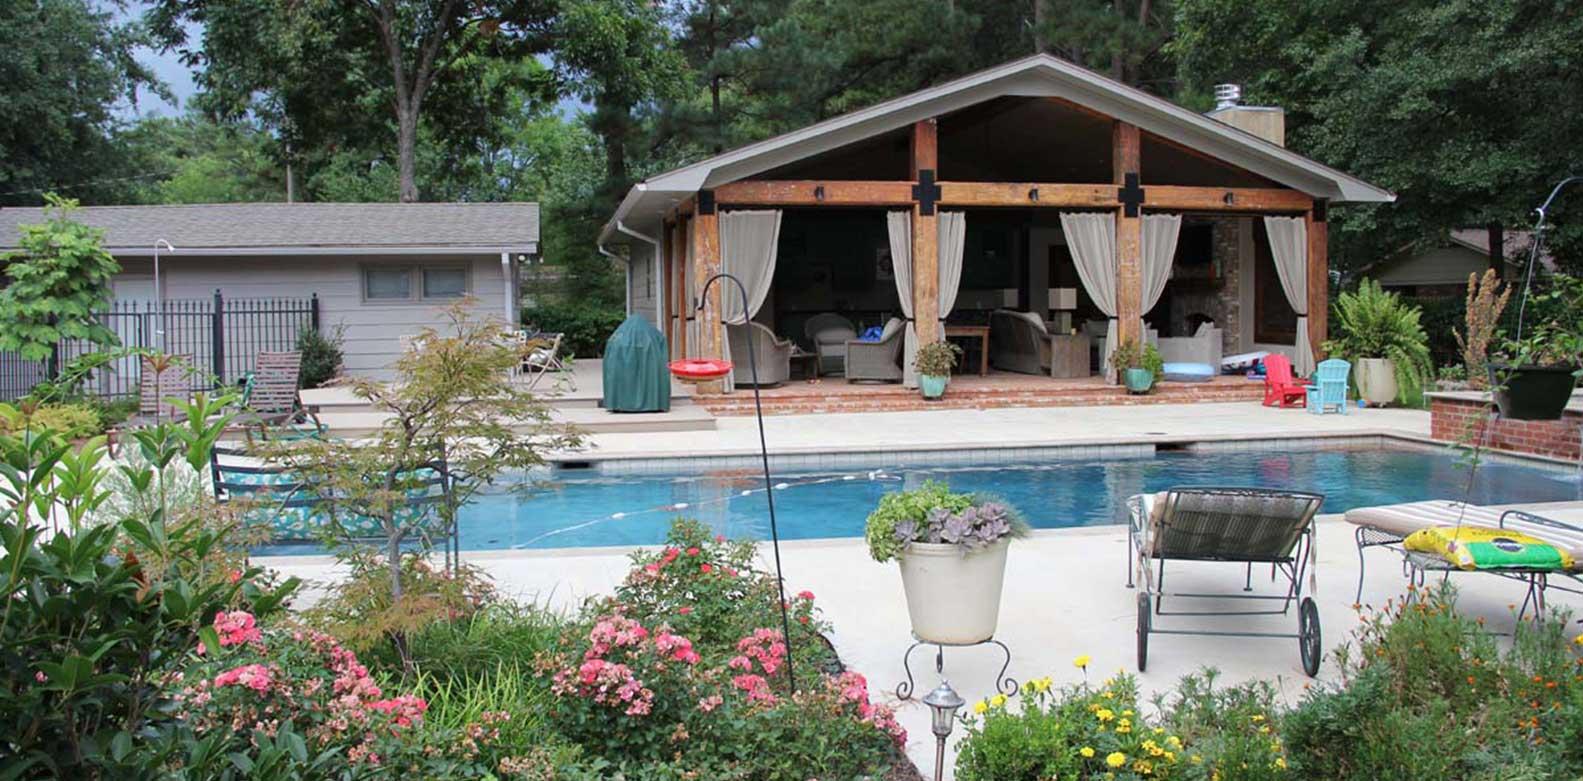 Backyard-pool-house-addition-Canton-MS1